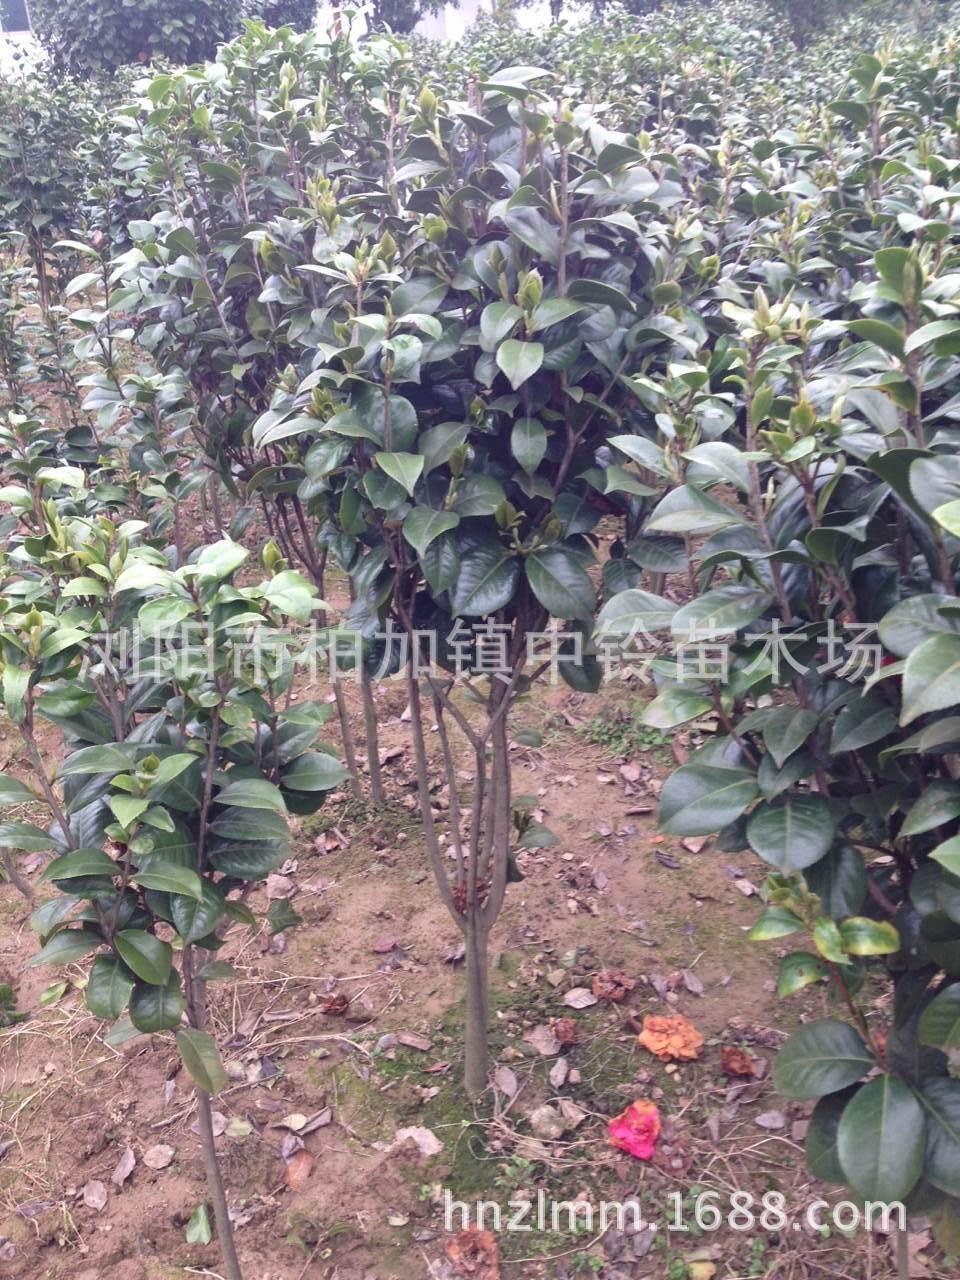 嫁接茶花 长期供应 大型茶花树扦插苗 中铃名贵嫁接茶花 阿里巴巴